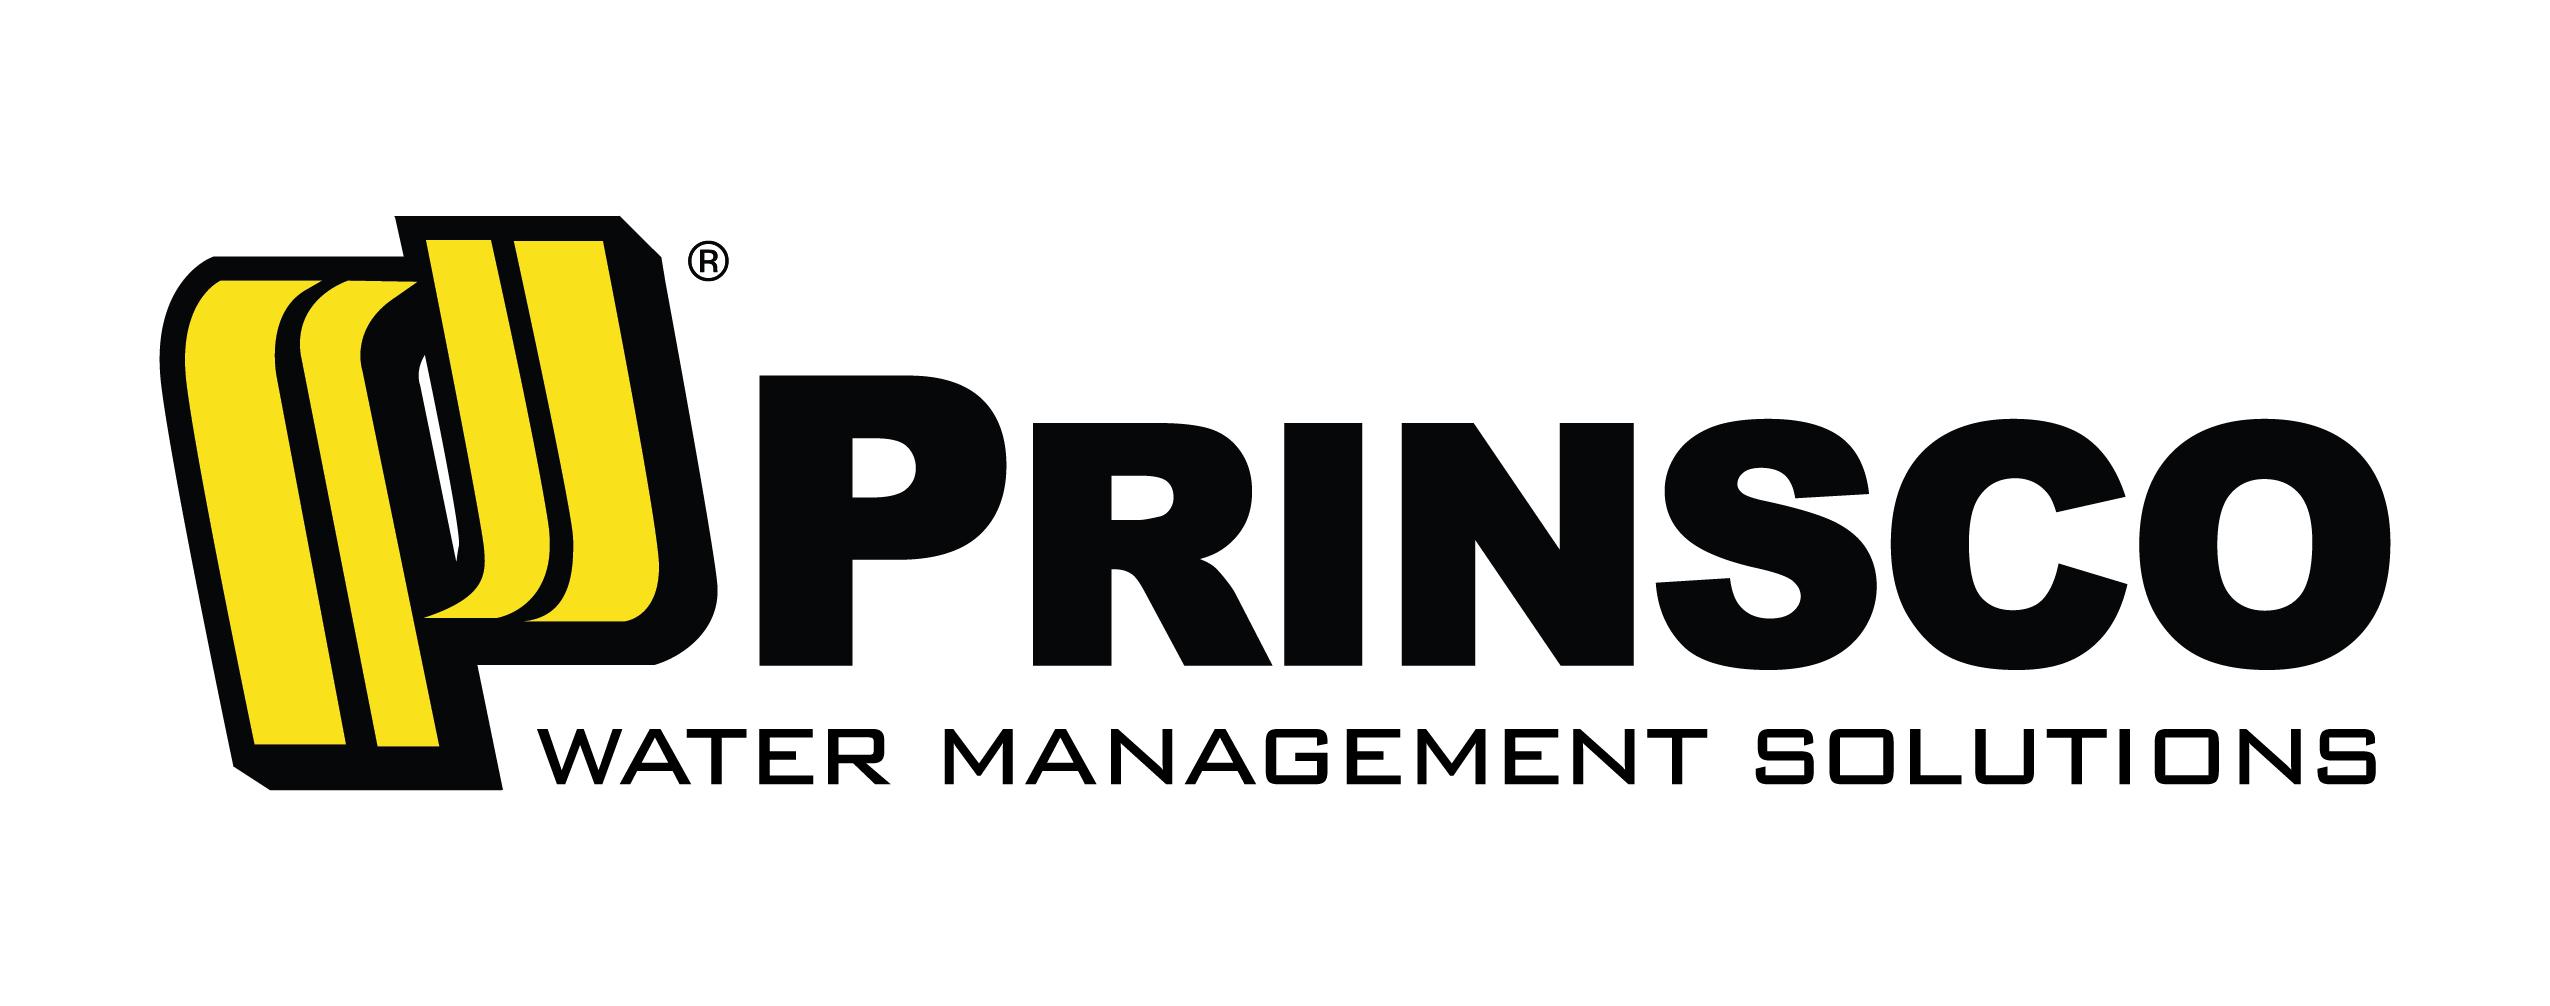 Prinsco_Logo-WaterMgmtSol-2018_Primary Logo